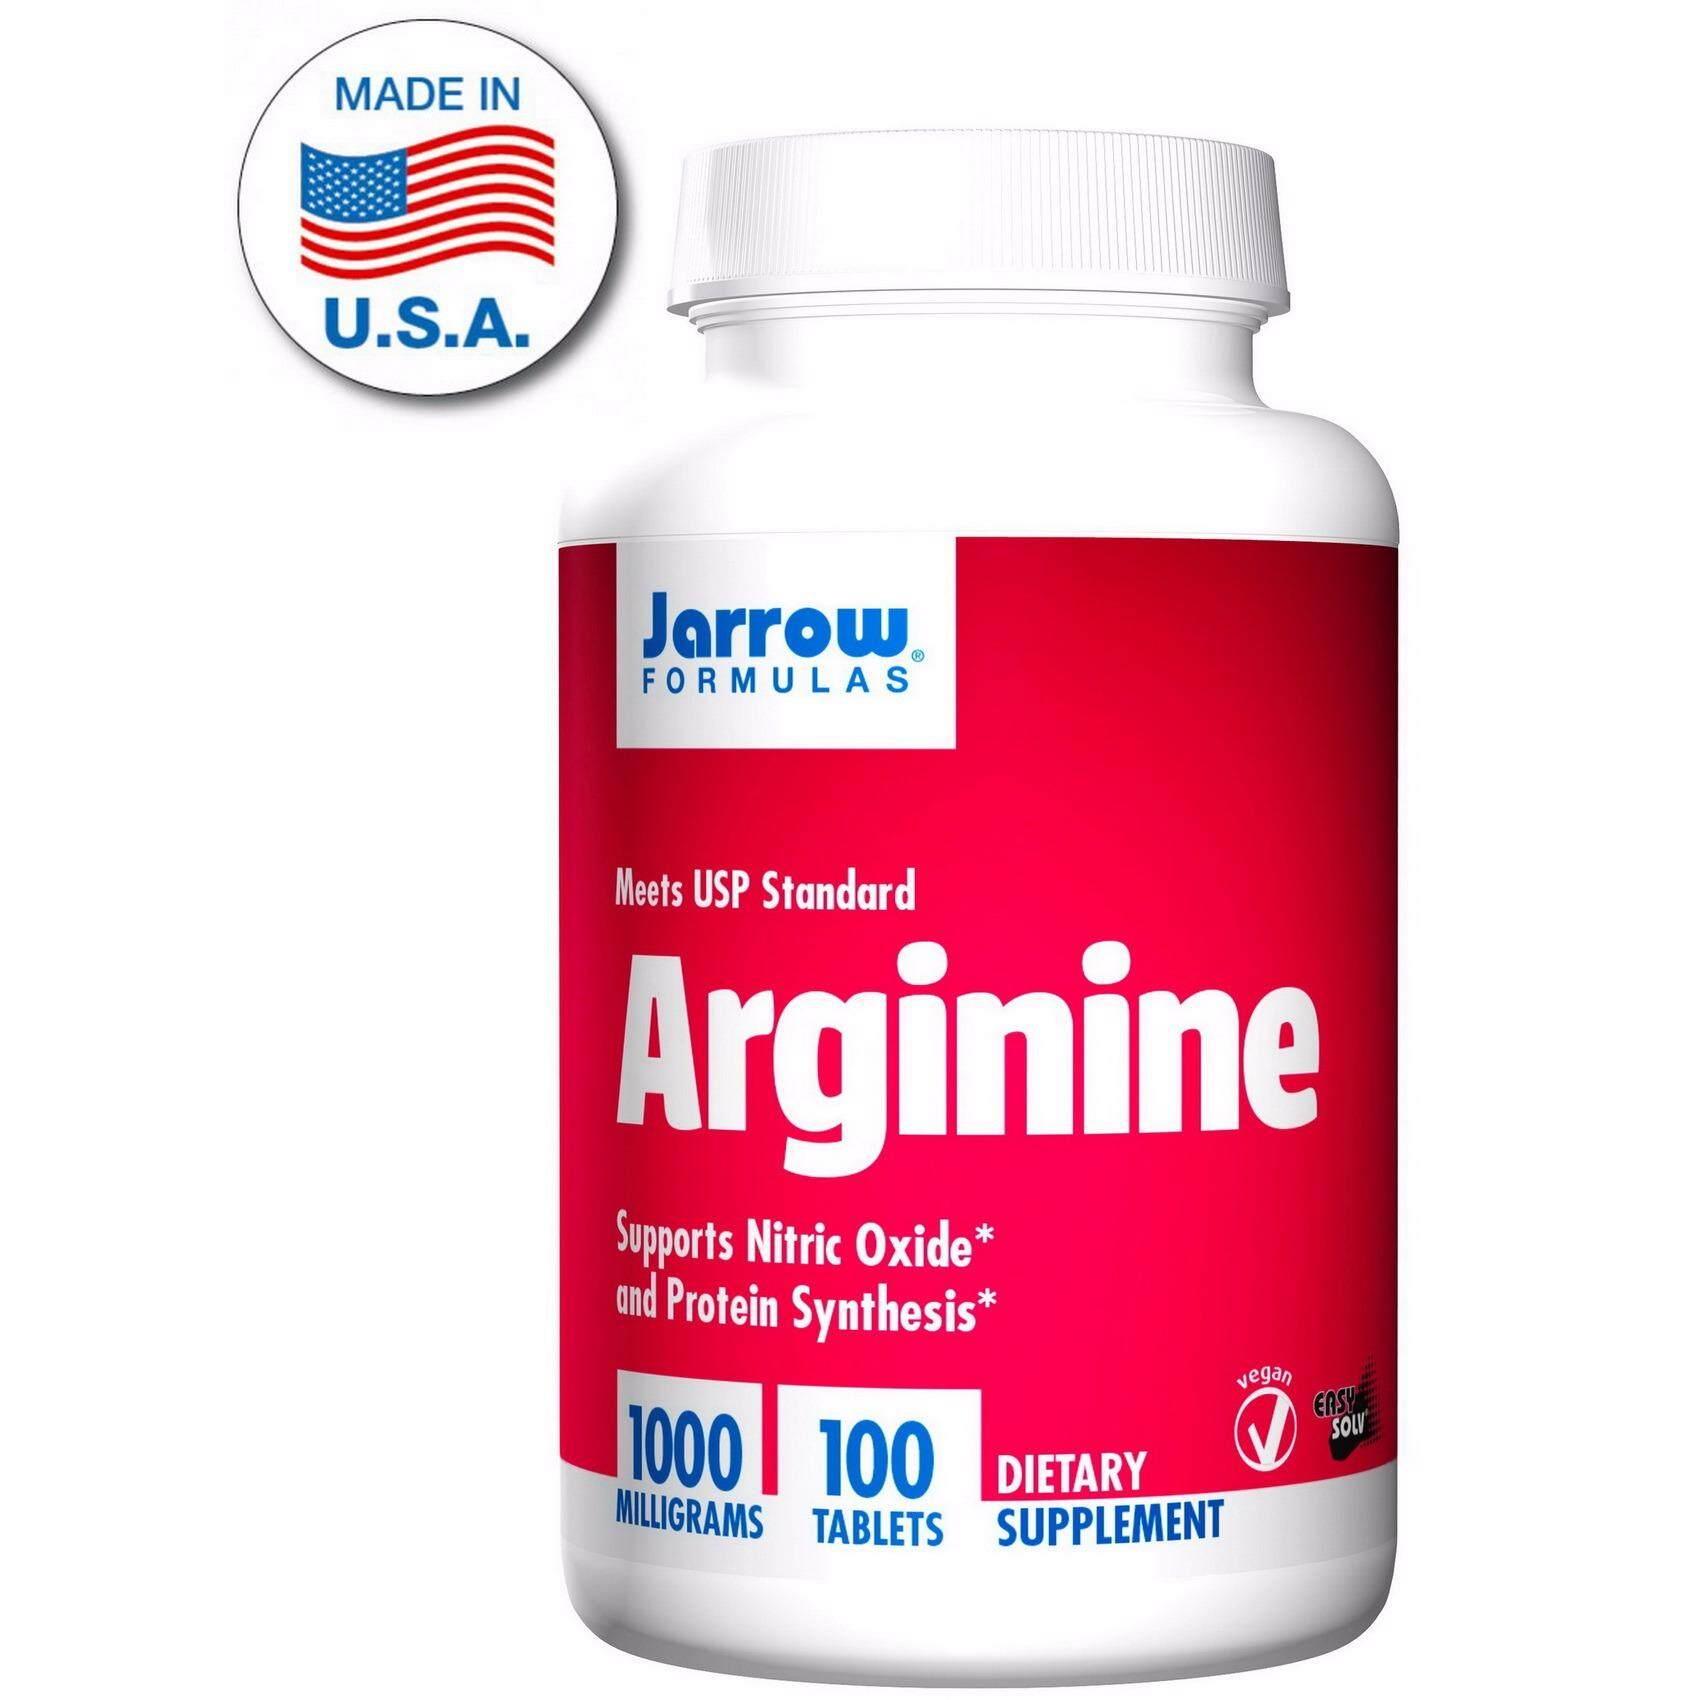 ขาย Jarrow Formulas L Arginine 1 000 Mg X 100 เม็ด อาร์จีนีน อาหารเสริมผู้ชาย Arginine เป็นต้นฉบับ